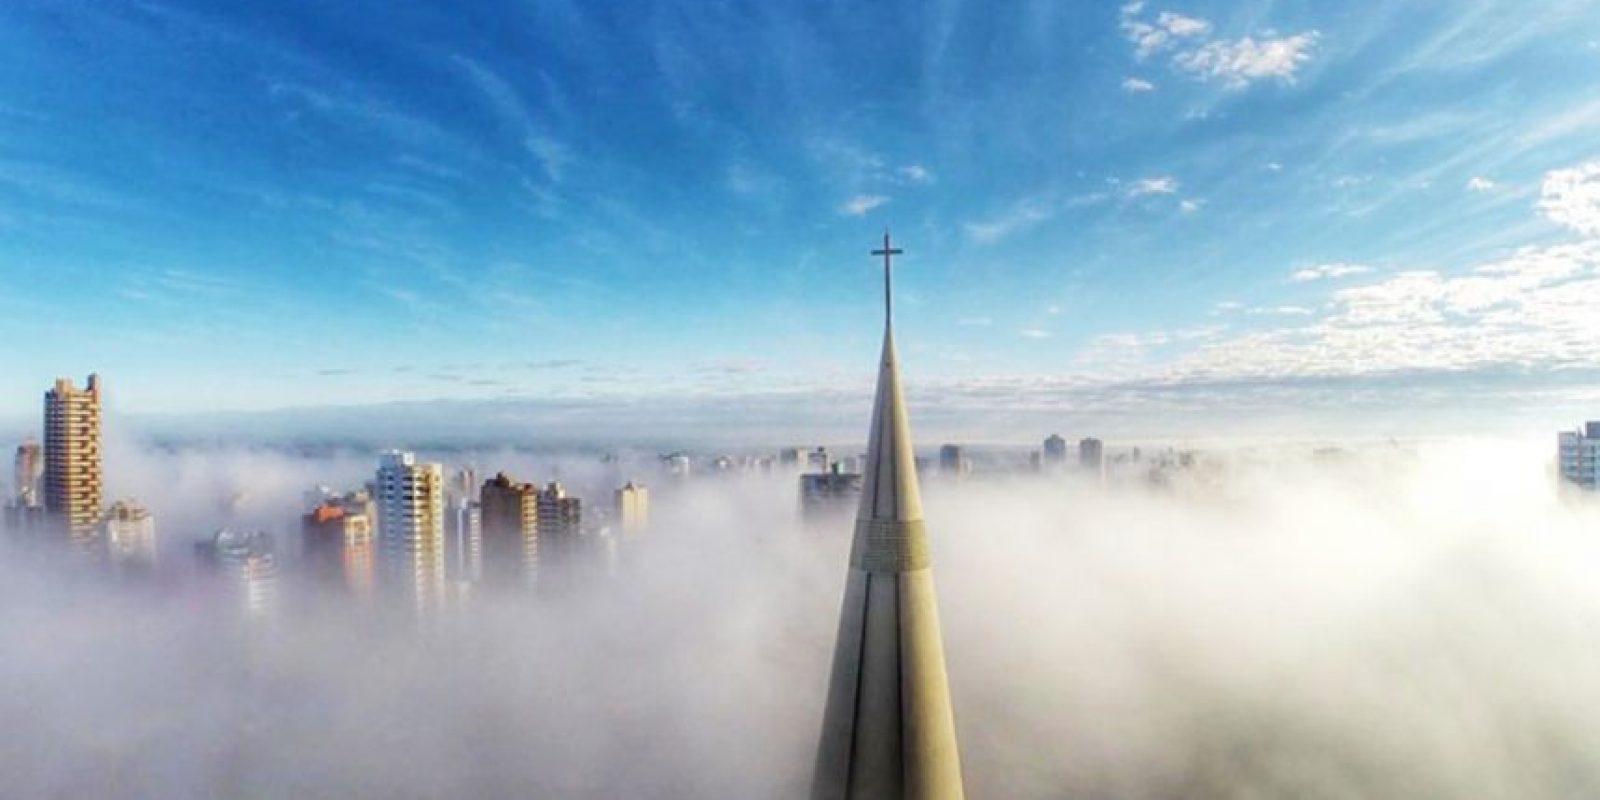 Sobre la niebla en Maringa, Paraná, Brasil. Foto:Vía Dronestagr.am